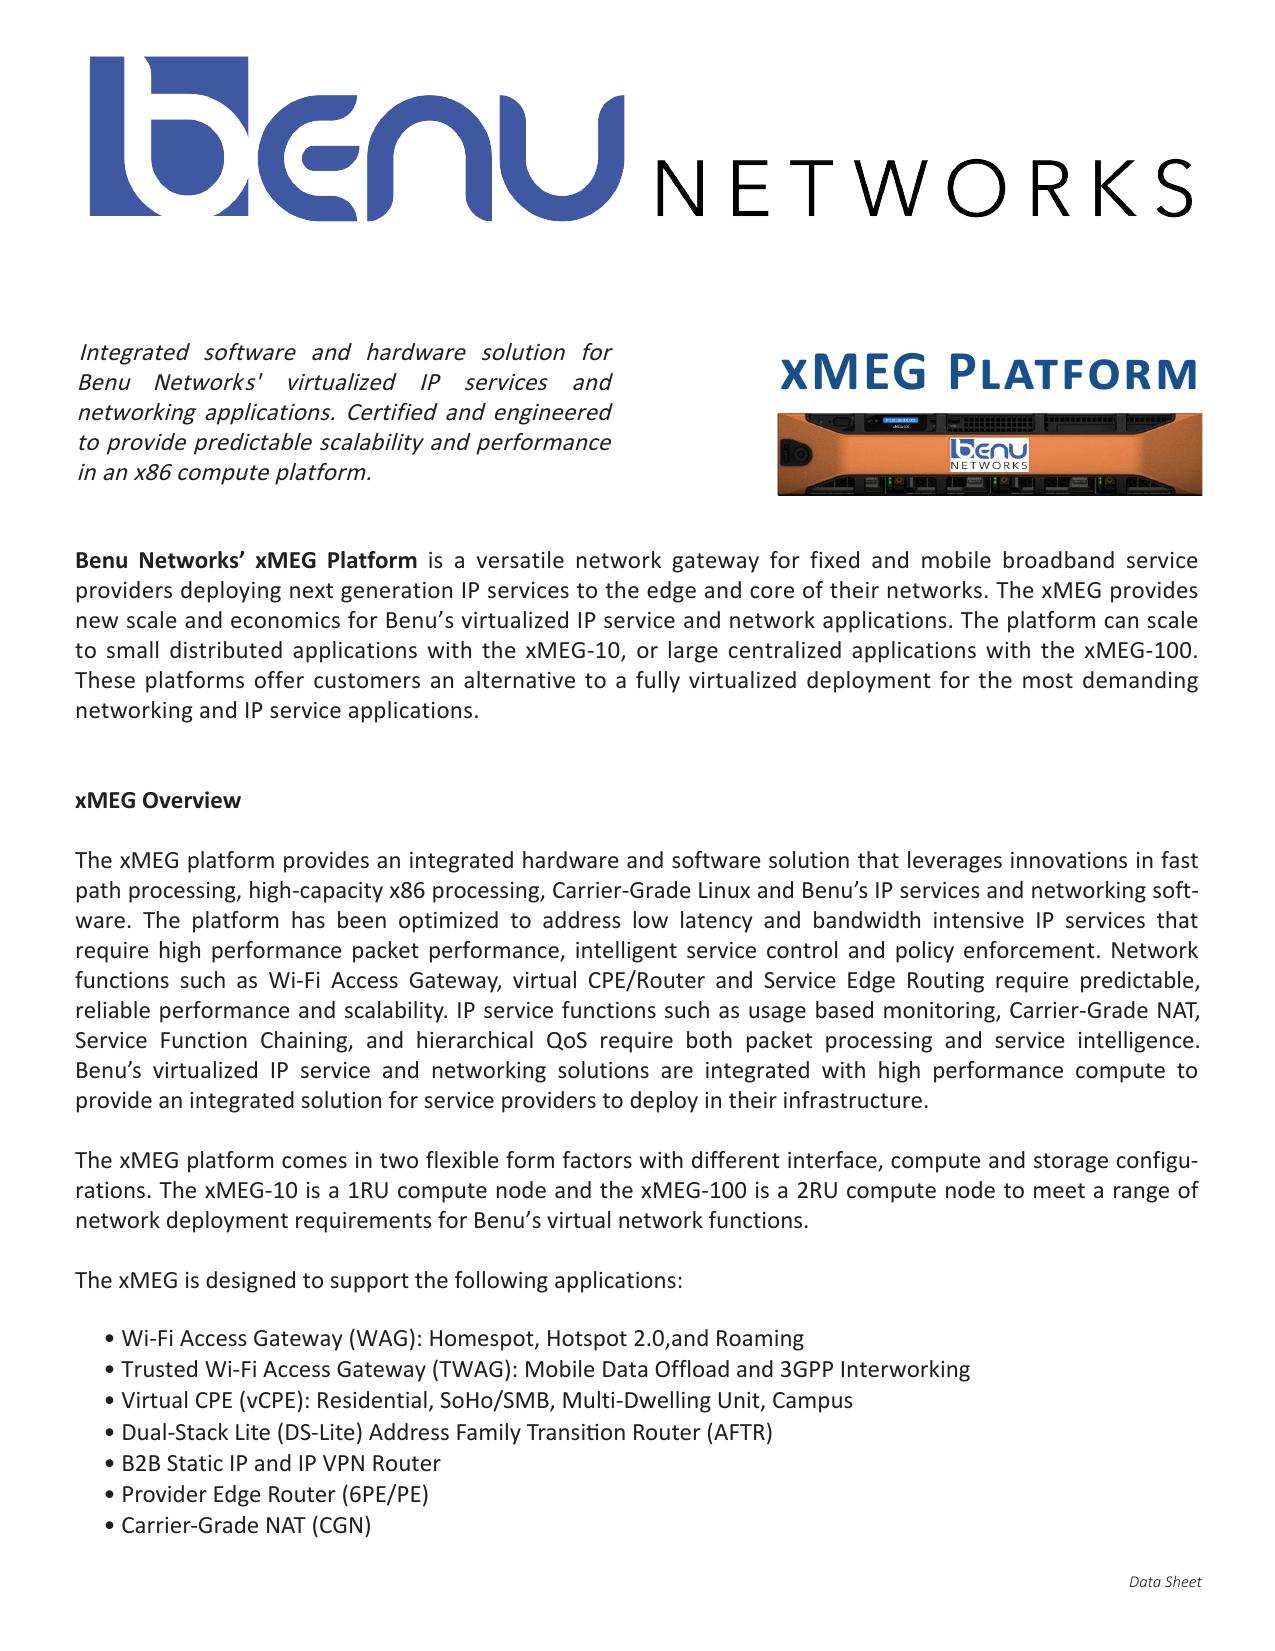 xMEG Platform - Benu Networks | manualzz com